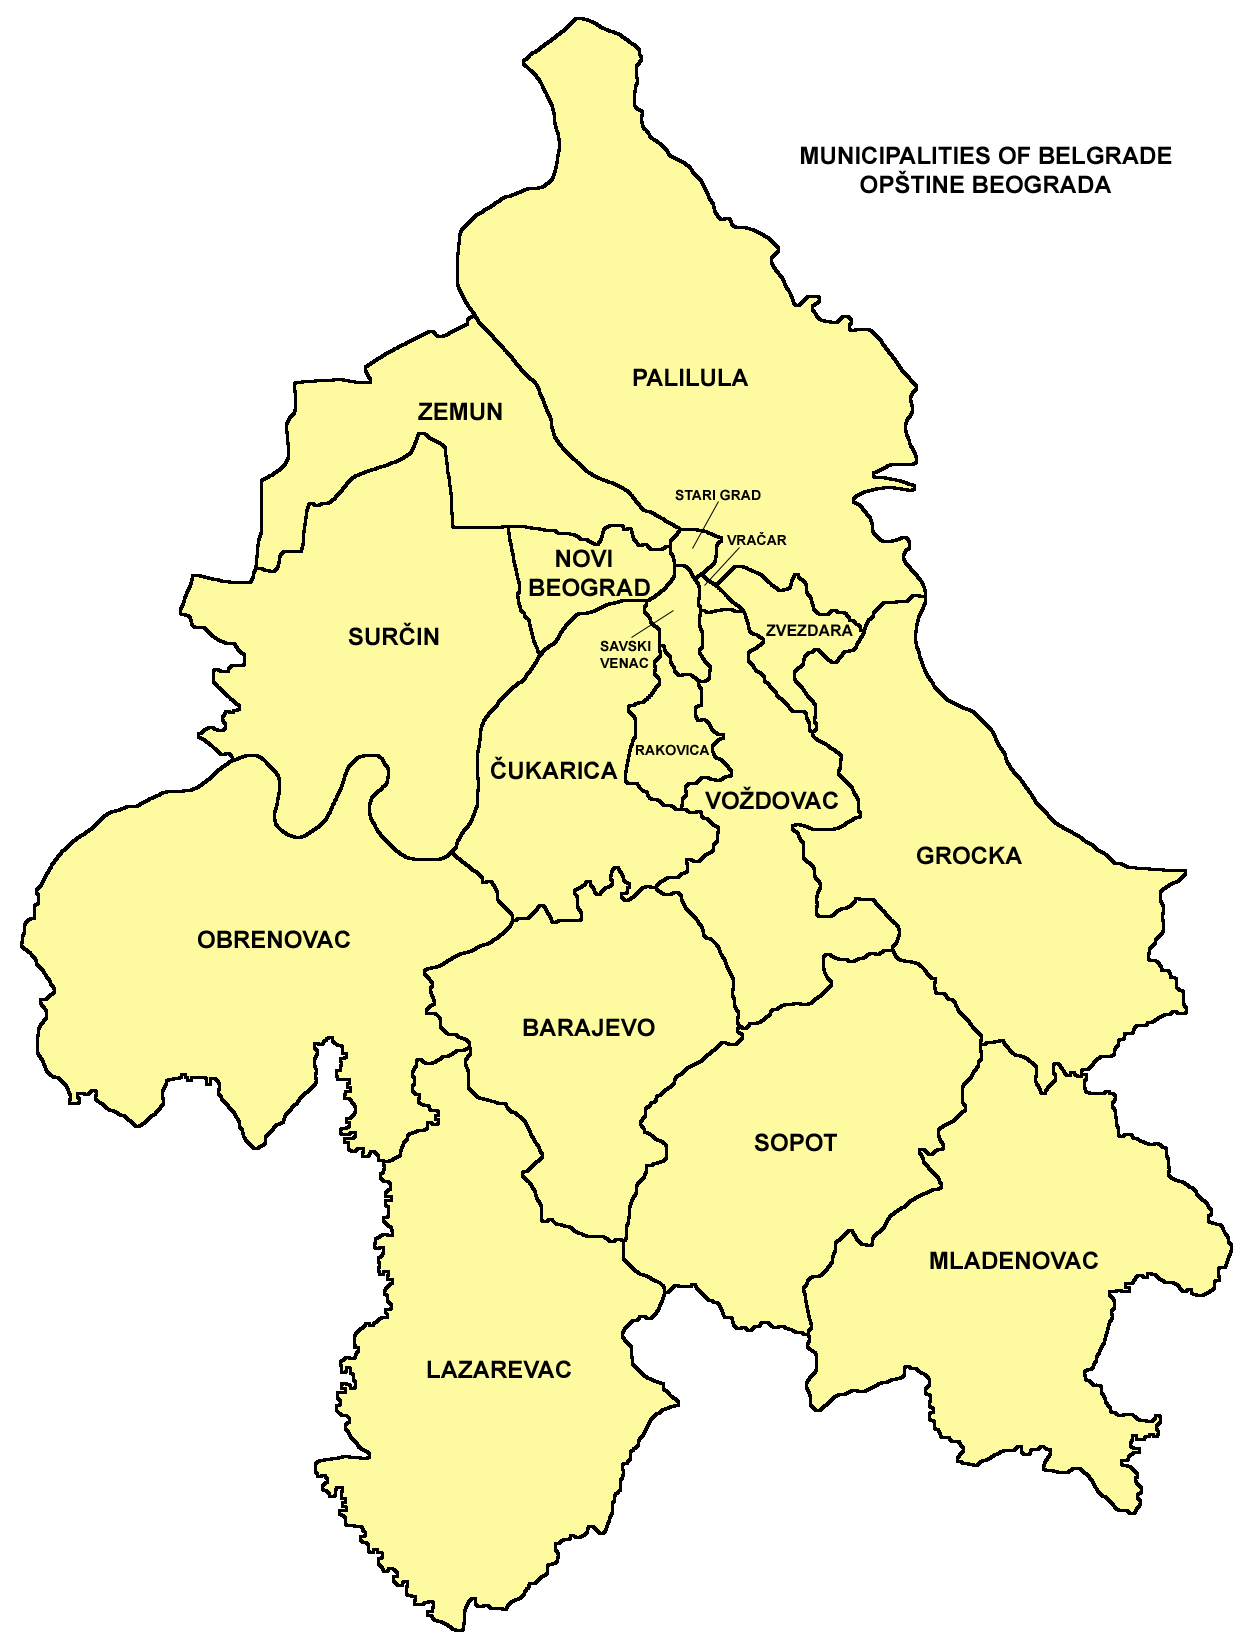 mapa beograda po opstinama File:Belgrade municipalities02.png   Wikimedia Commons mapa beograda po opstinama